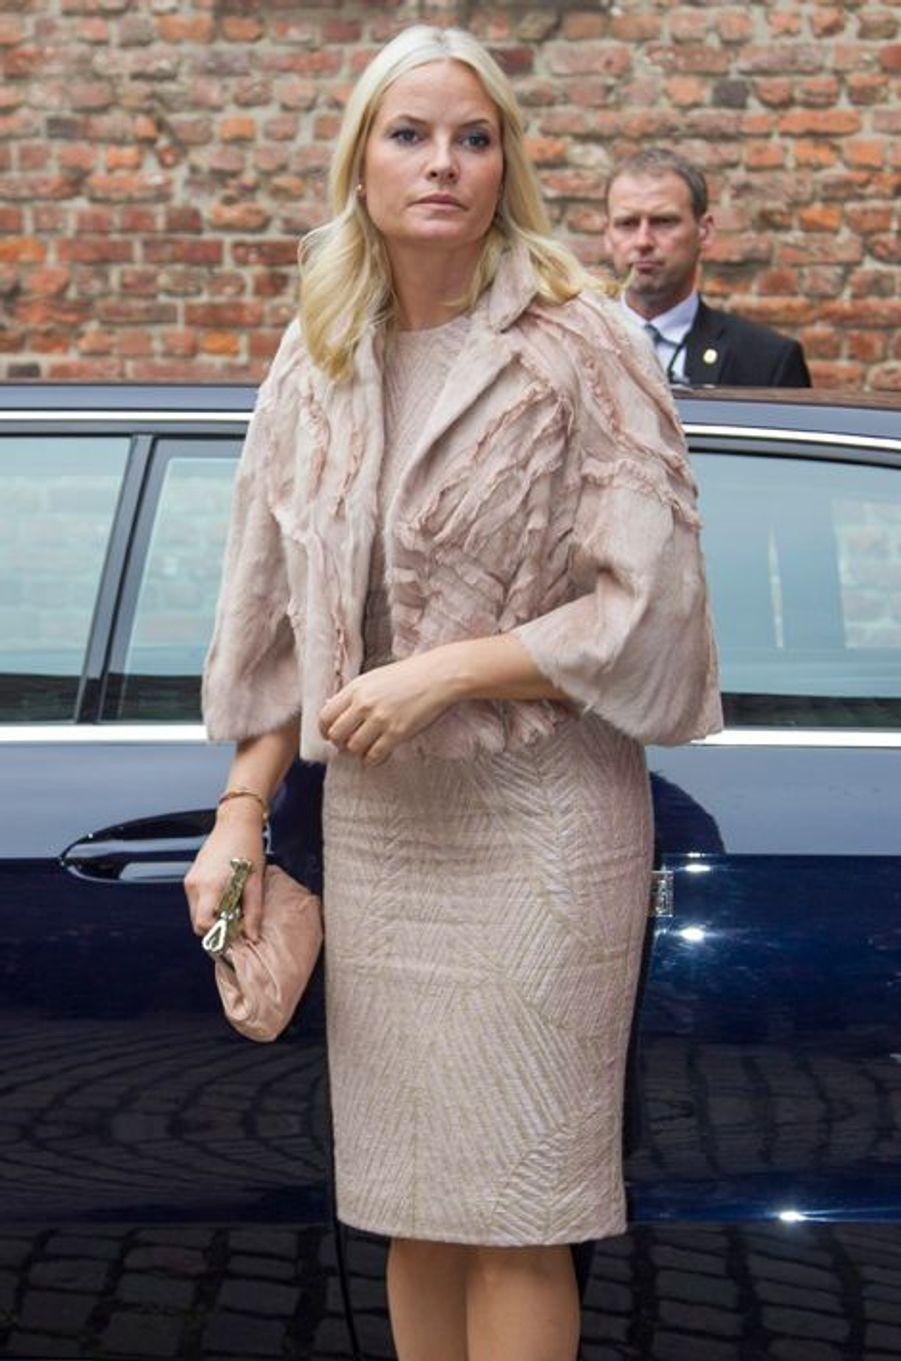 La princesse Mette-Marit de Norvège lors du voyage officiel du président indien Pranab Mukherjee à Oslo le 14 octobre 2014